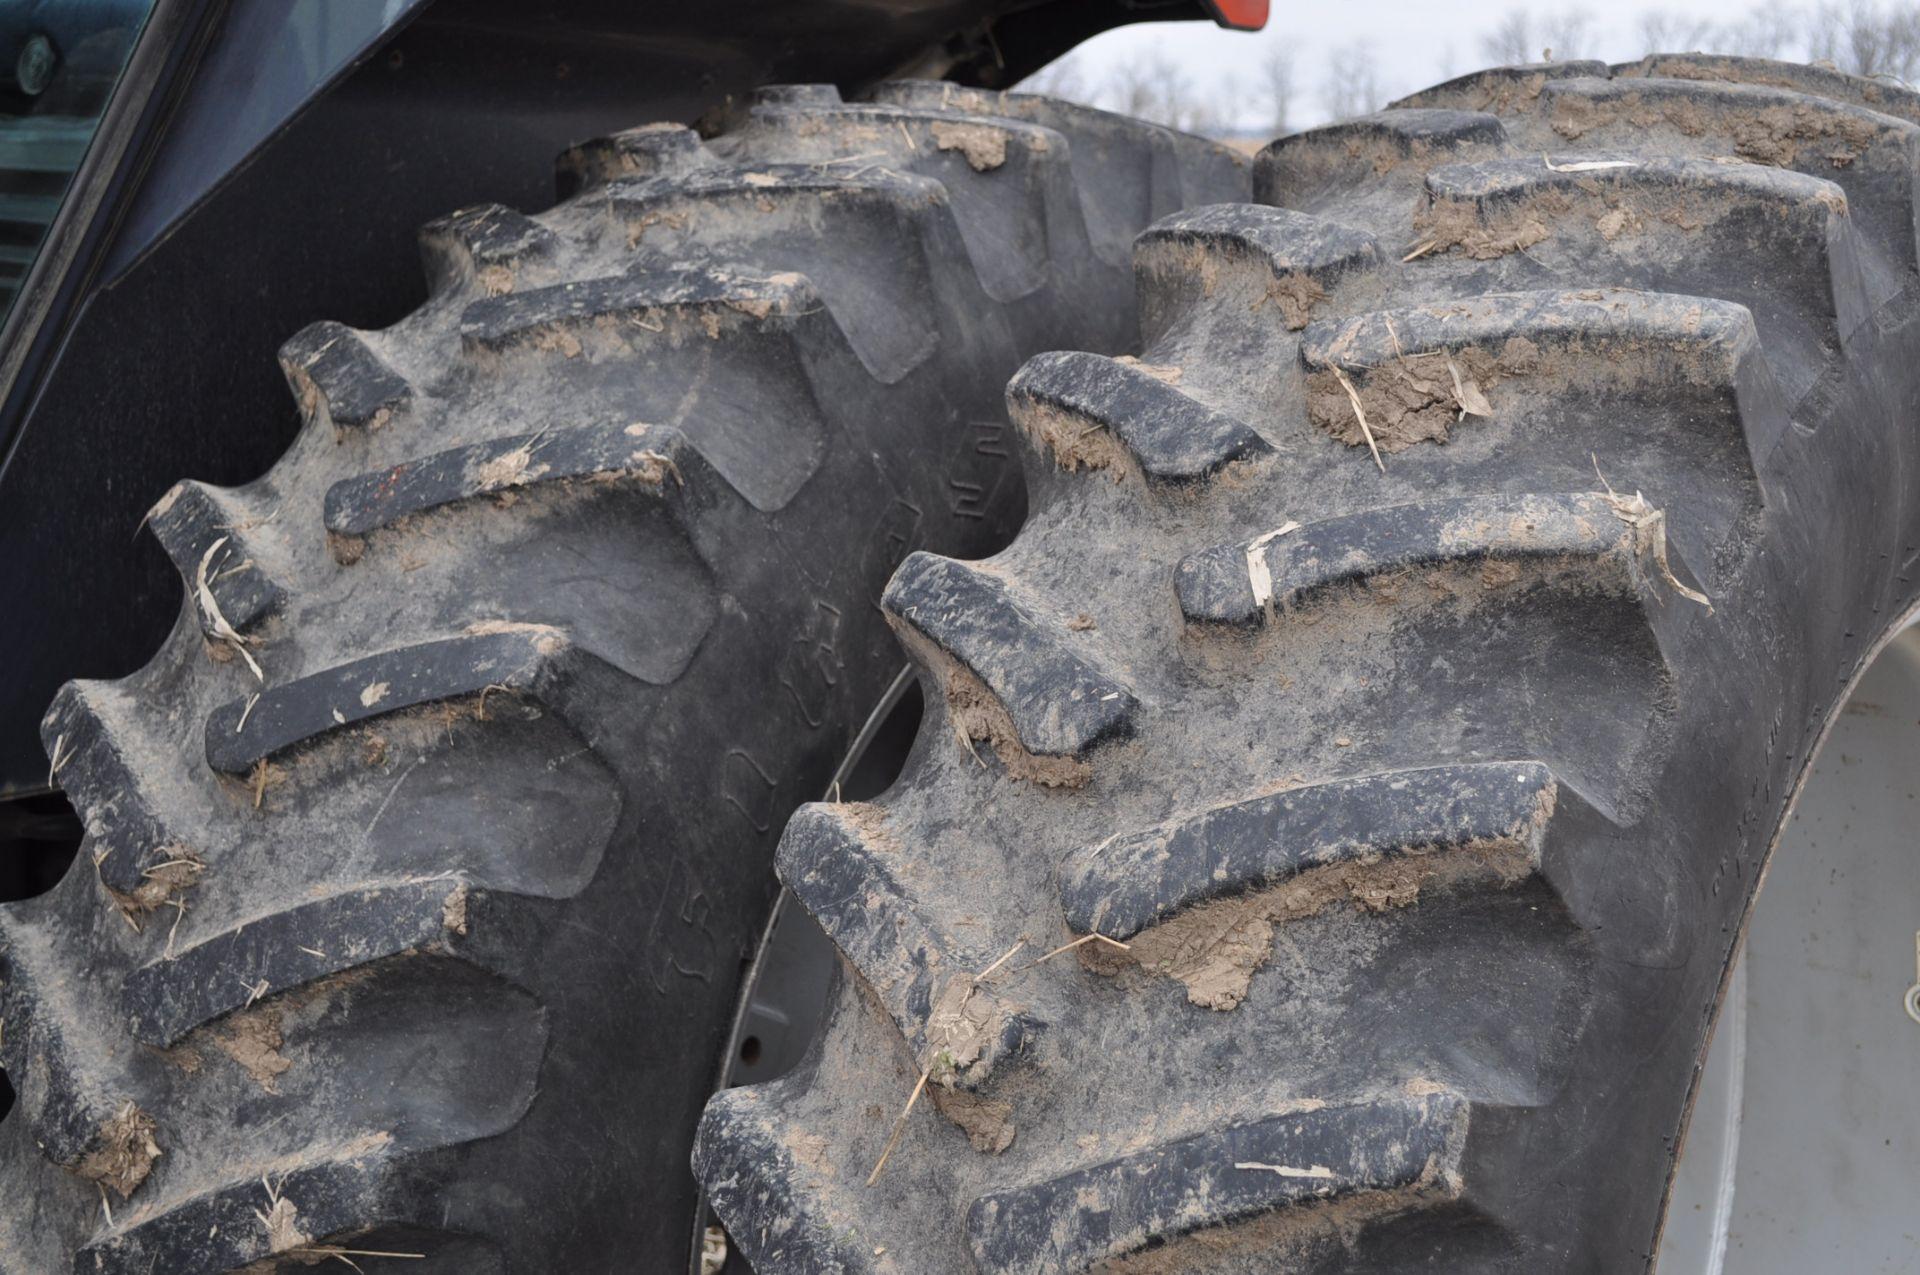 Deutz Allis 9150 tractor, MFWD, 18.4 R 42 duals, 420/85 R 28 tires, 6+3 speed range, 2 hyd - Image 6 of 20